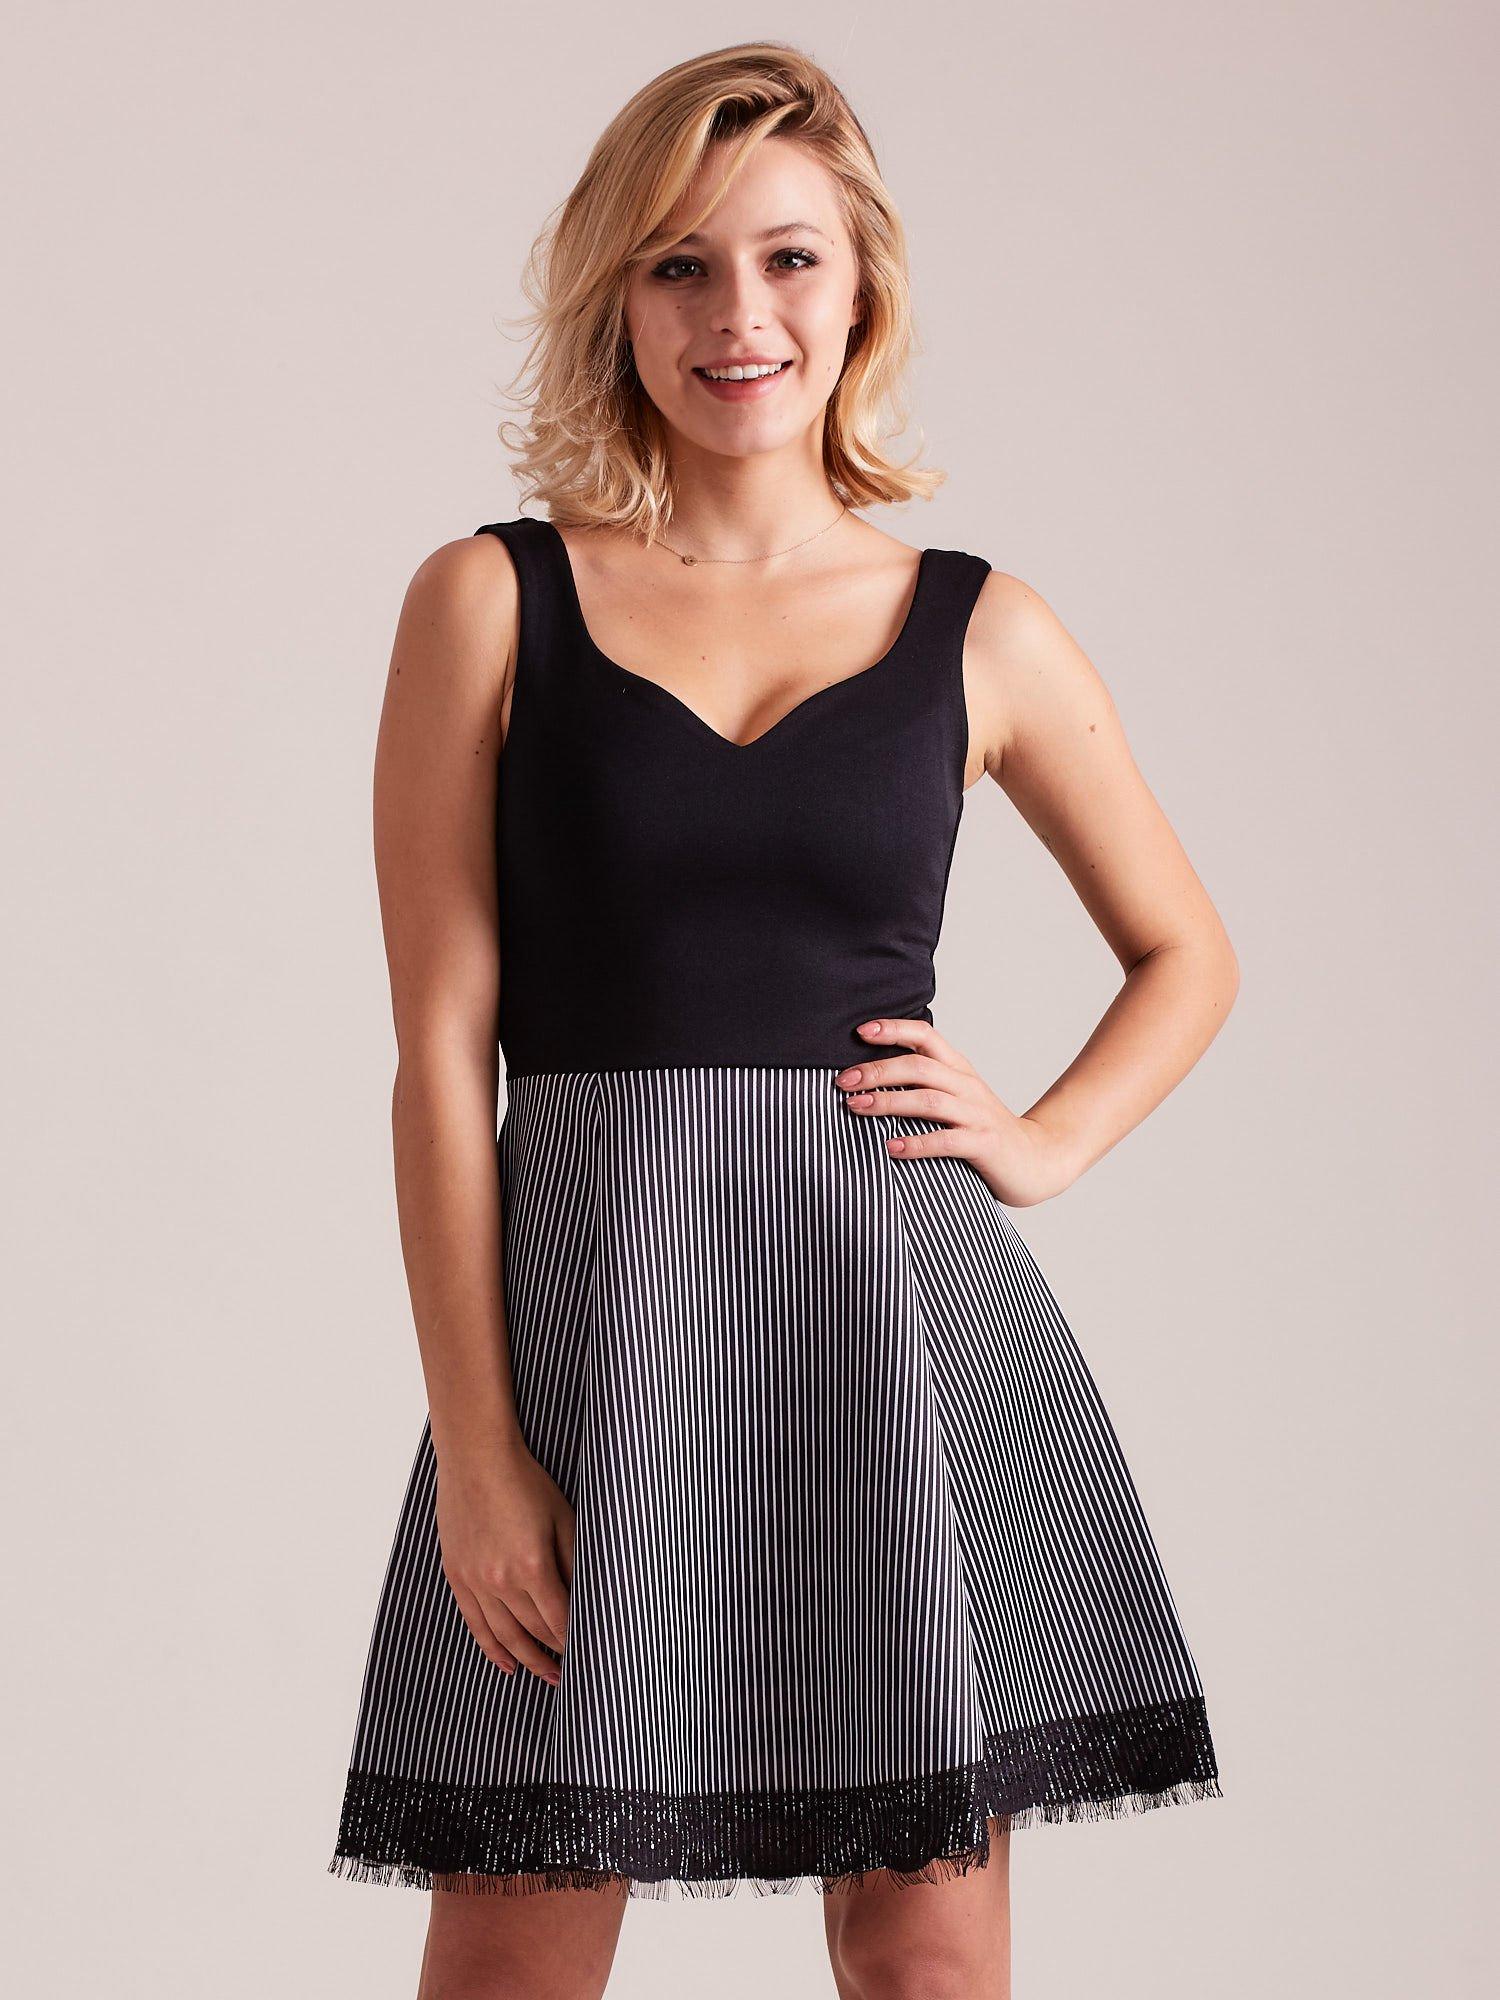 386bf28cf2 Czarno-biała sukienka z dołem w paski - Sukienka koktajlowa - sklep  eButik.pl